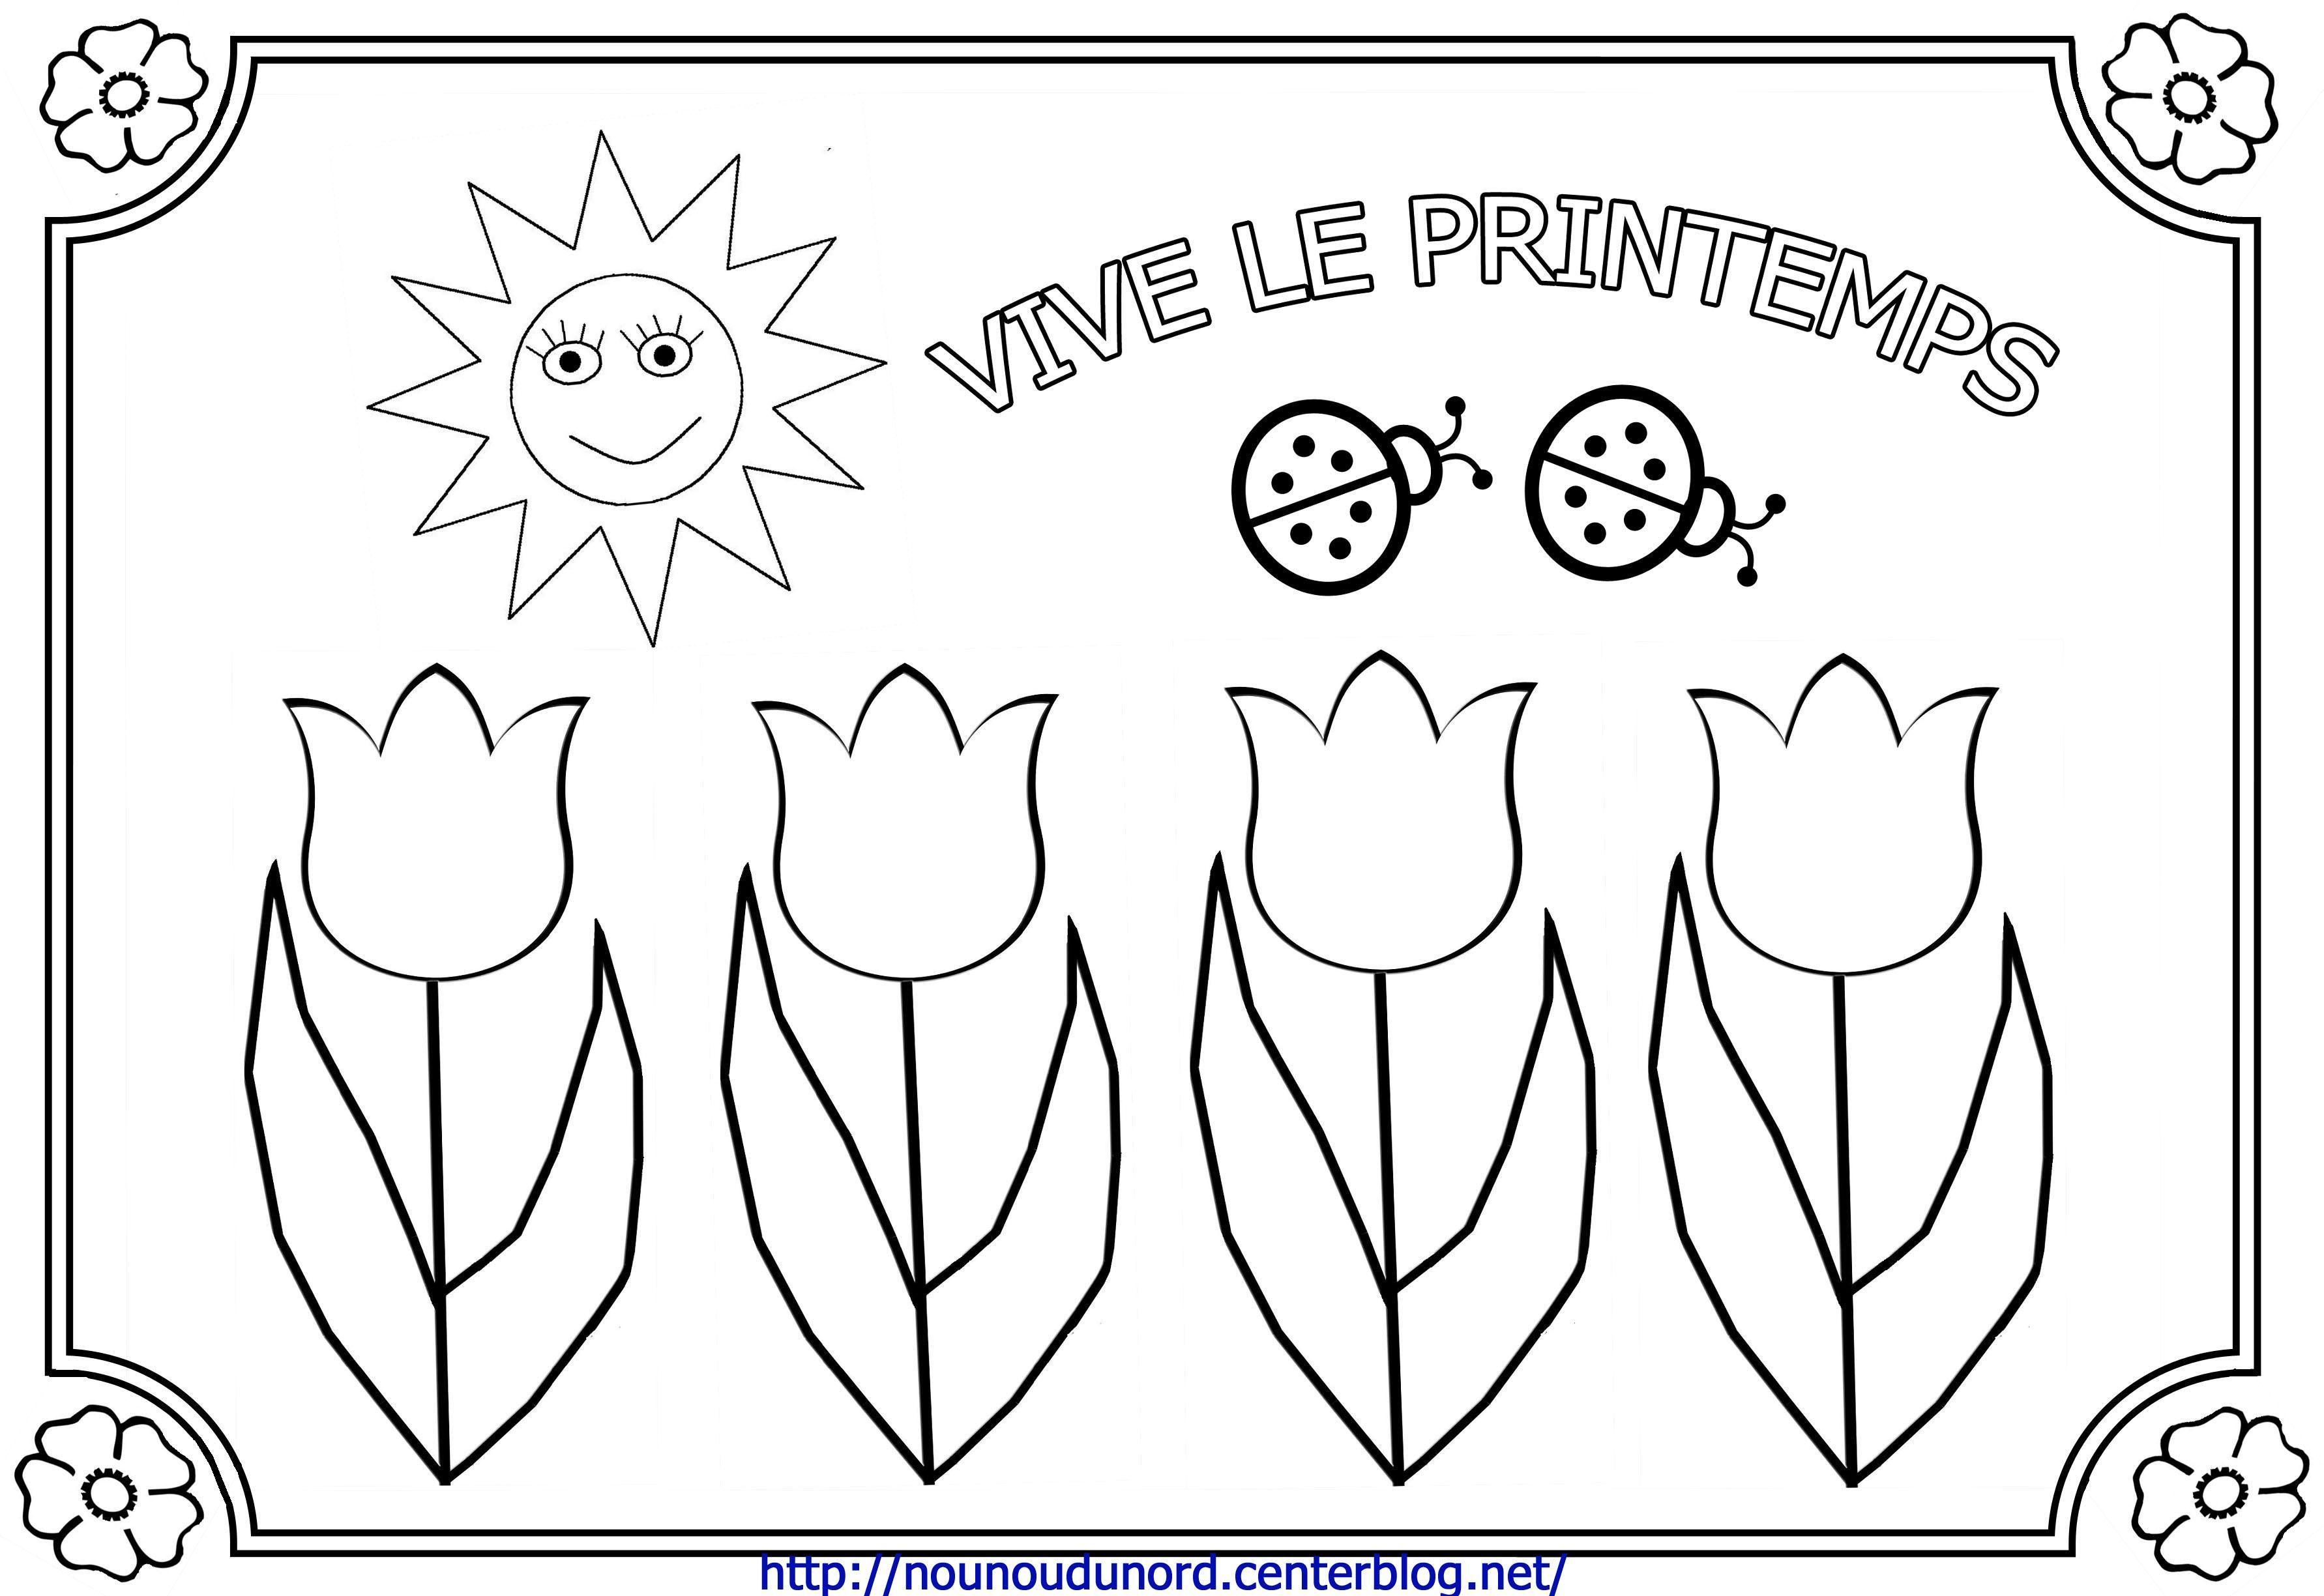 Coloriage Printemps Gratuit.Coloriage Printemps Champs De Tulipes Par Nounoudunord